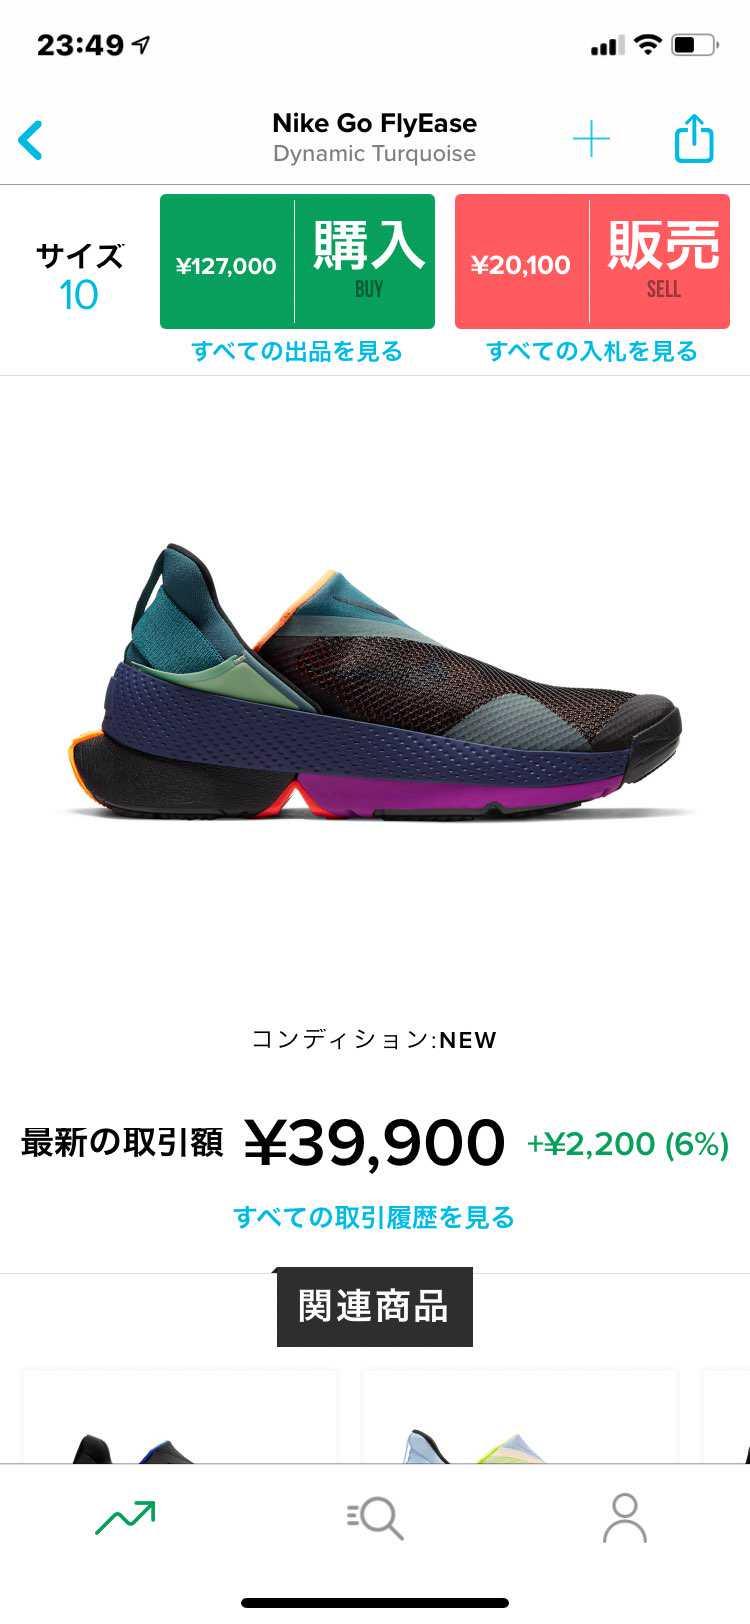 この靴、完全にStock行きですねー!